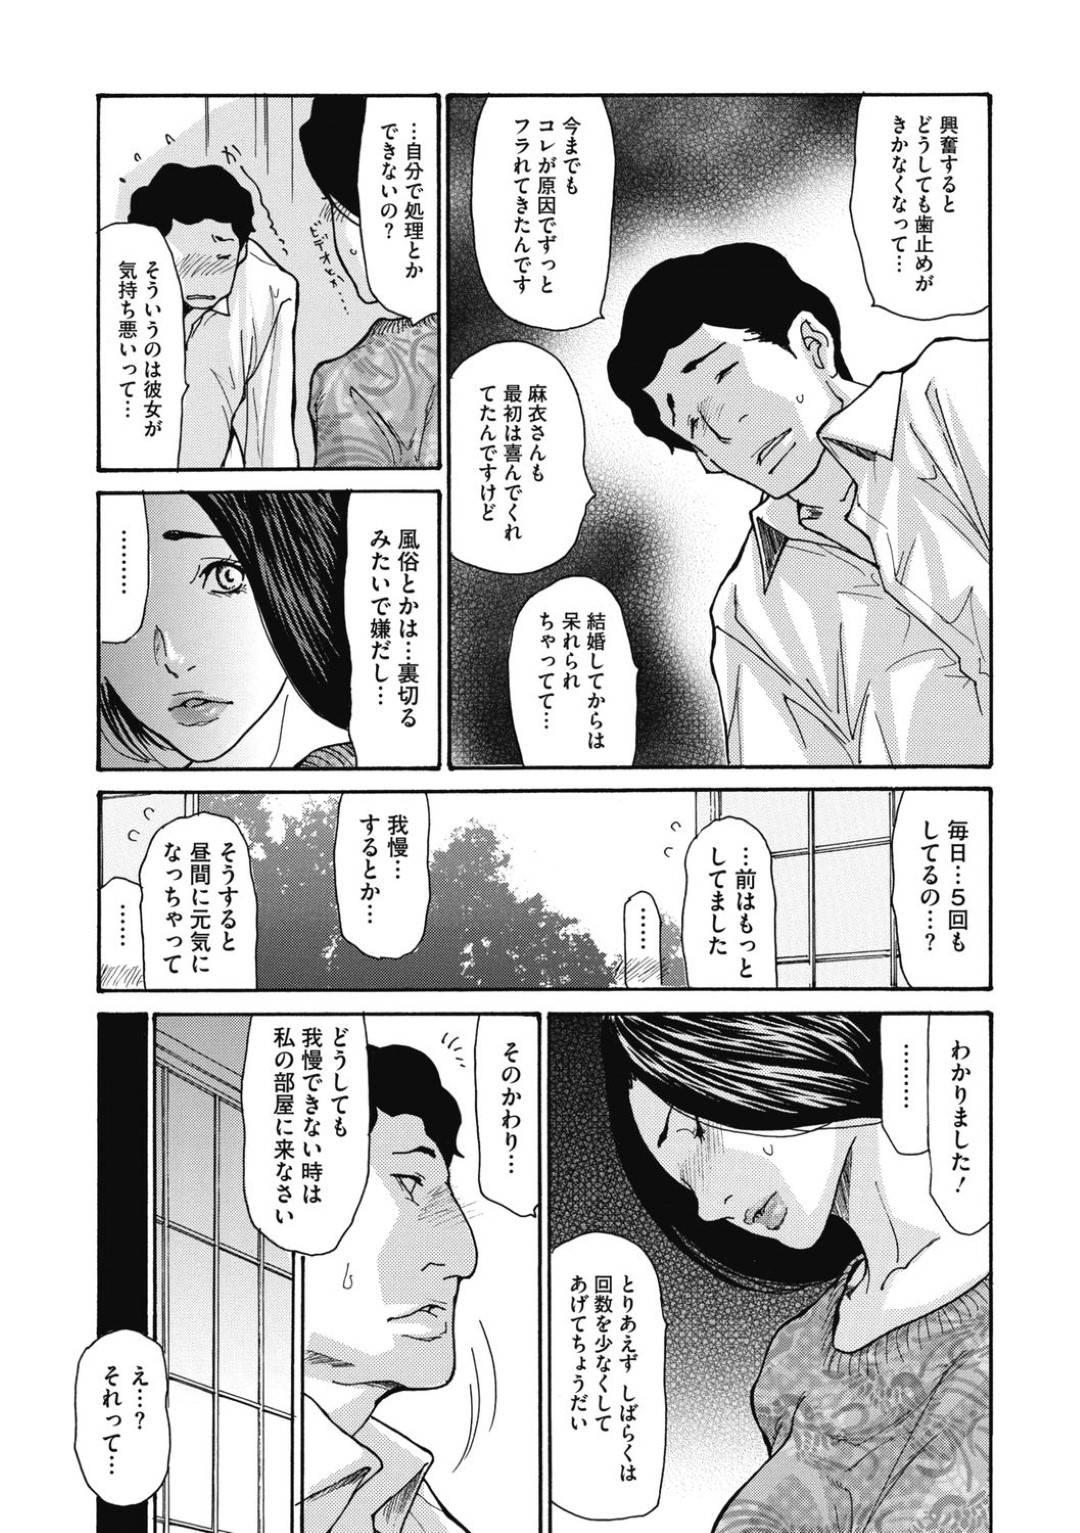 【エロ漫画】娘夫婦の旦那の絶倫ぶりを見て興奮した母は旦那を呼び出して肉棒を欲して、娘が寝てる中での寝取られセックス